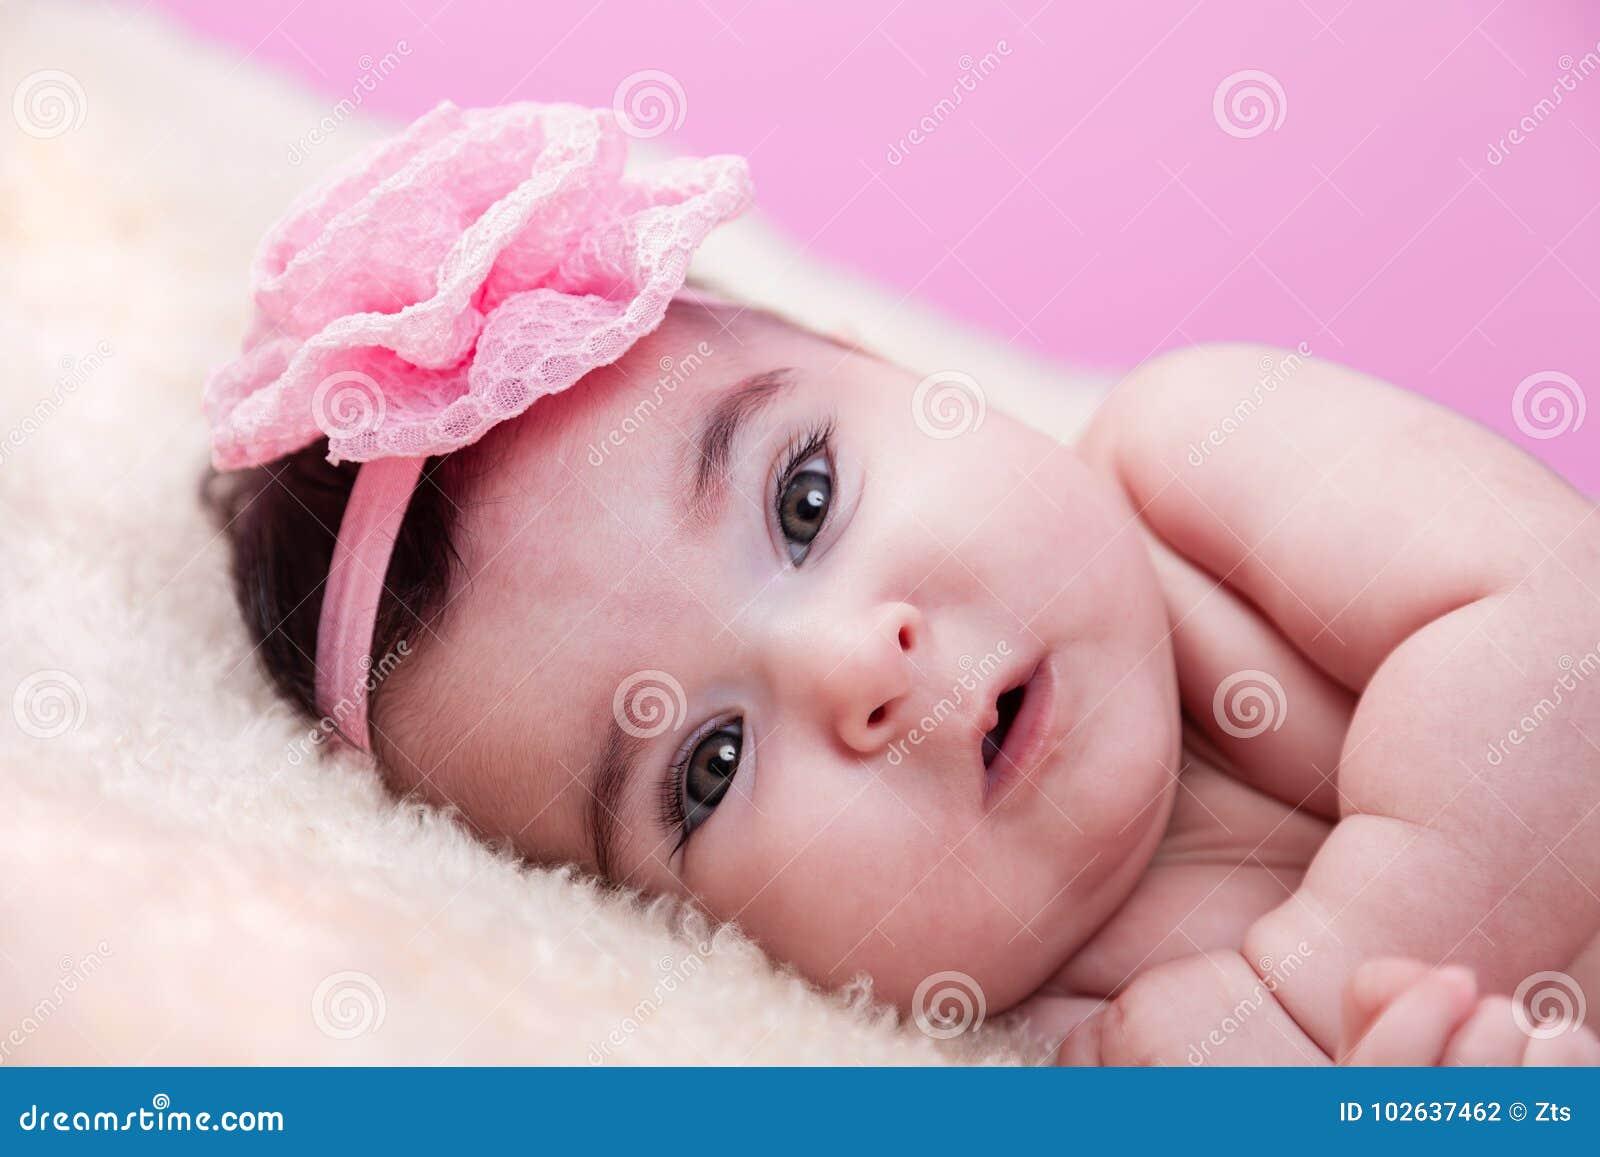 Portrait mignon, joli, heureux, potelé de bébé, sans vêtements, nu ou nu, sur une couverture pelucheuse